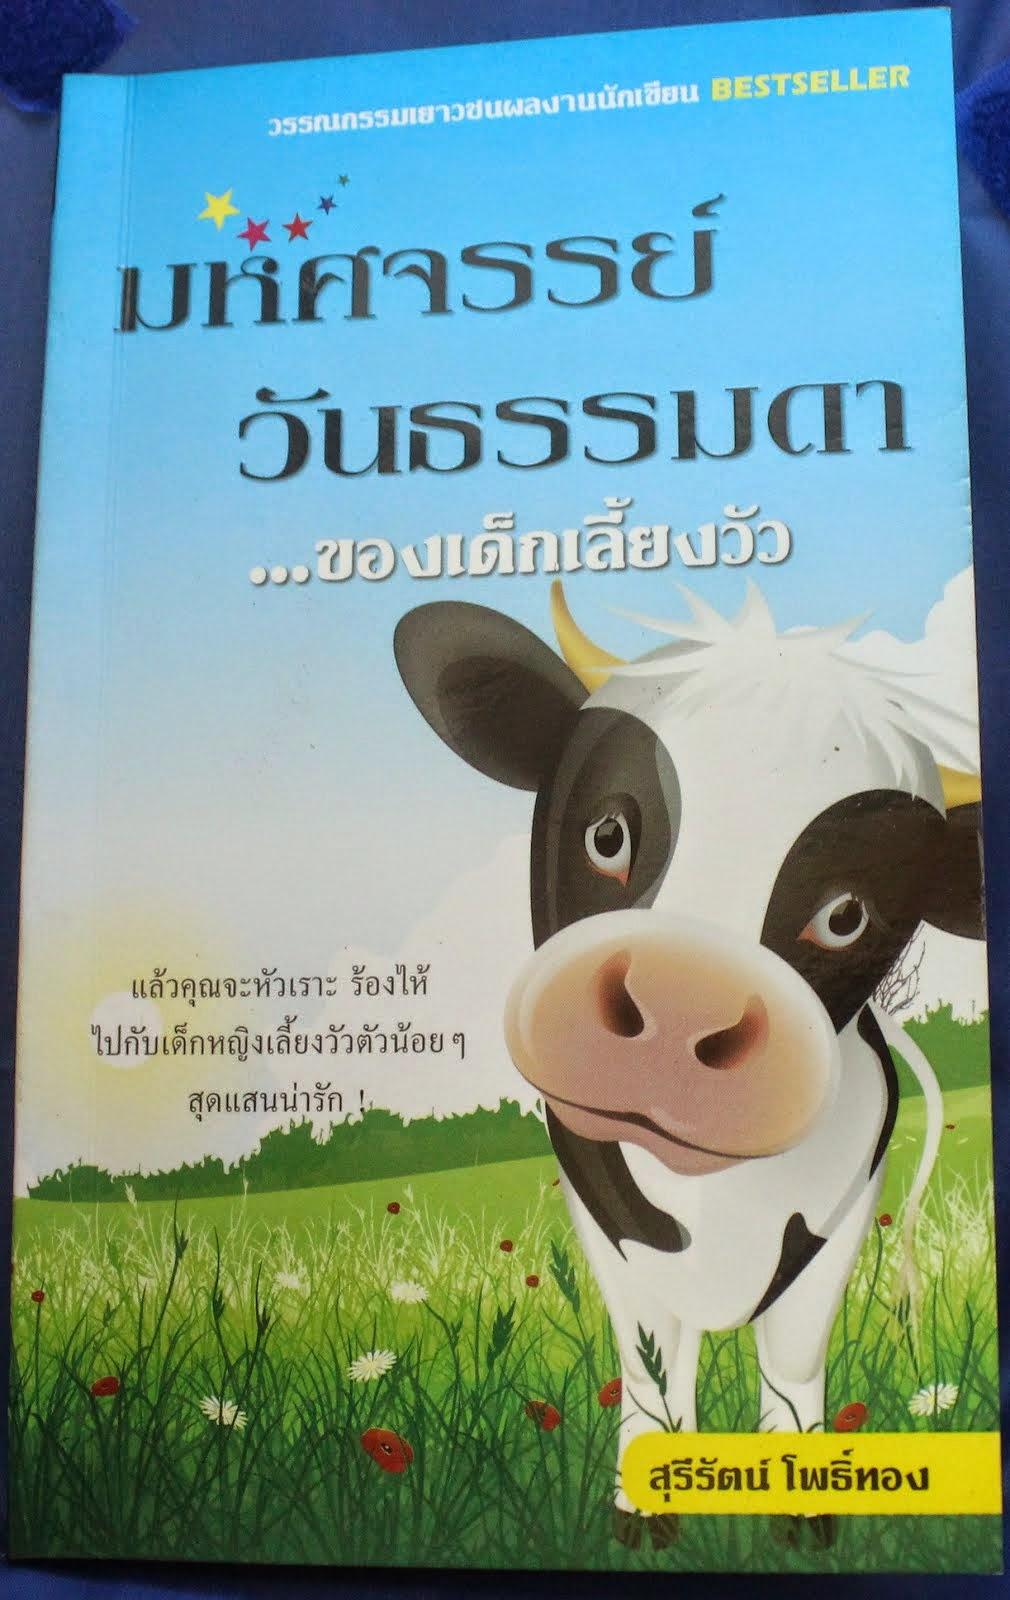 หนังสือมหัศจรรย์ วันธรรมดา ของเด็กเลี้ยงวัว